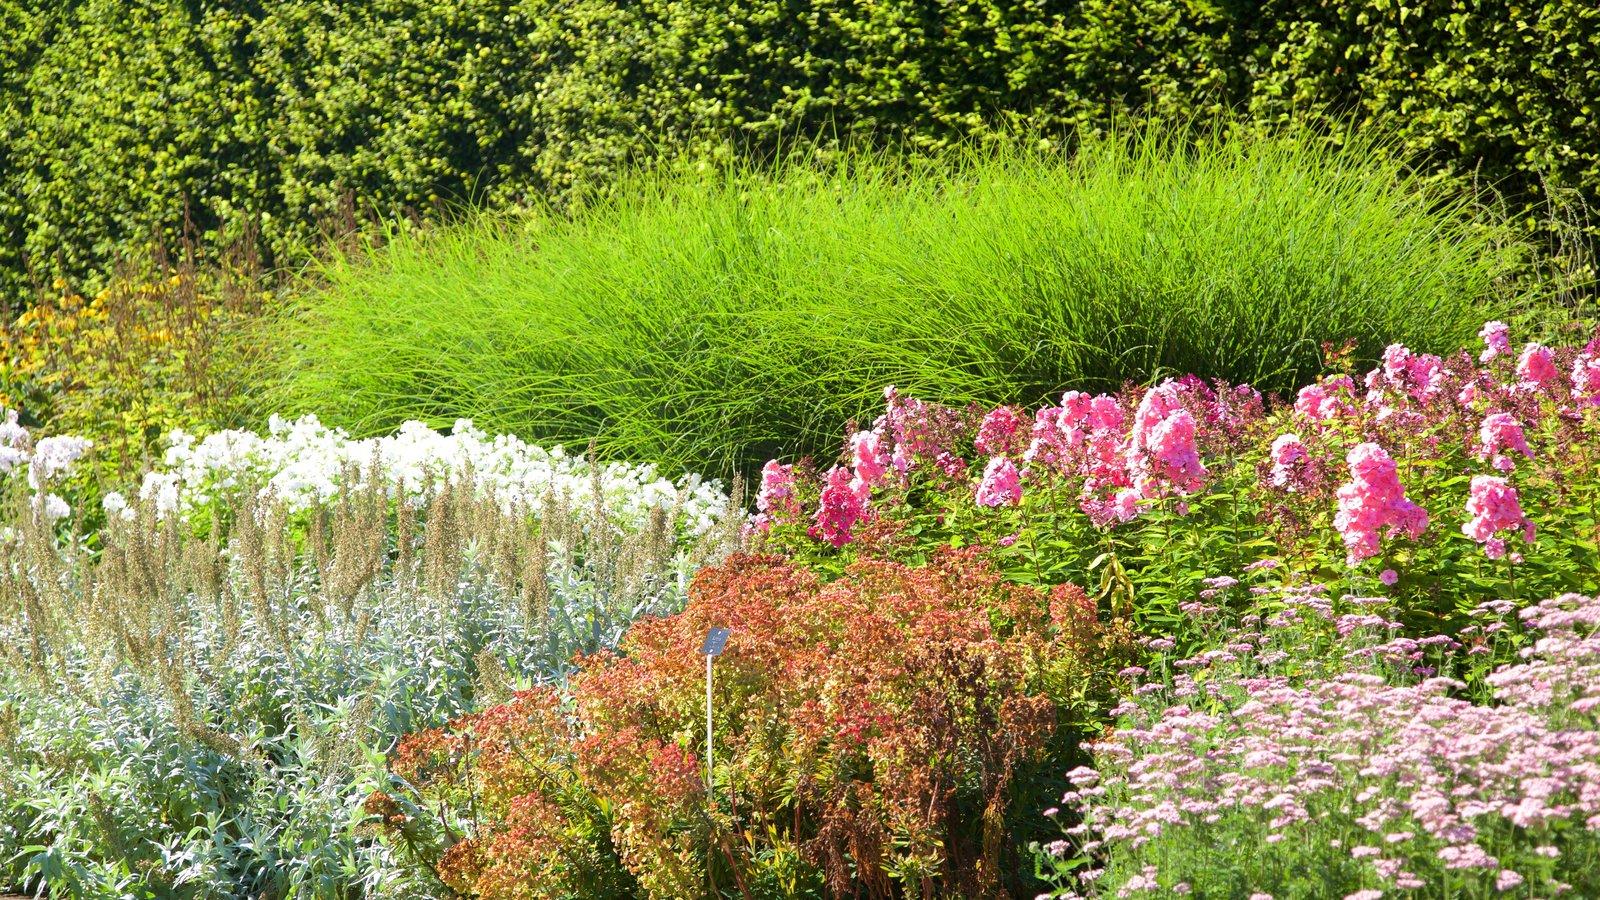 Real Jardín Botánico que incluye un jardín y flores silvestres